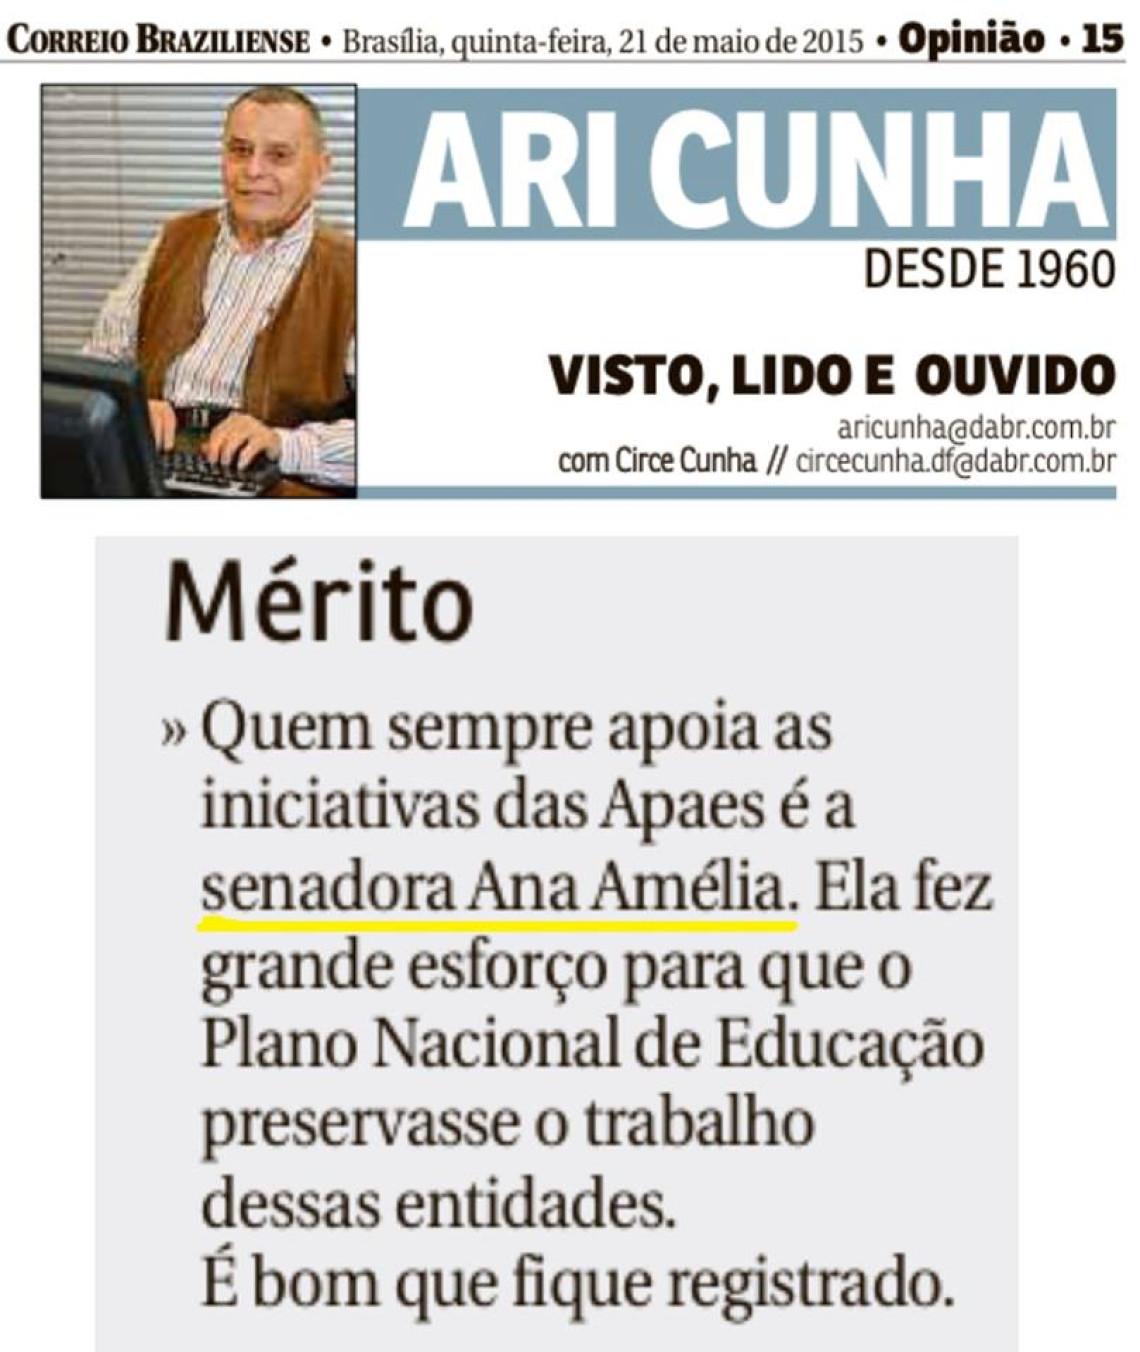 Correio Braziliense: Ari Cunha - Mérito